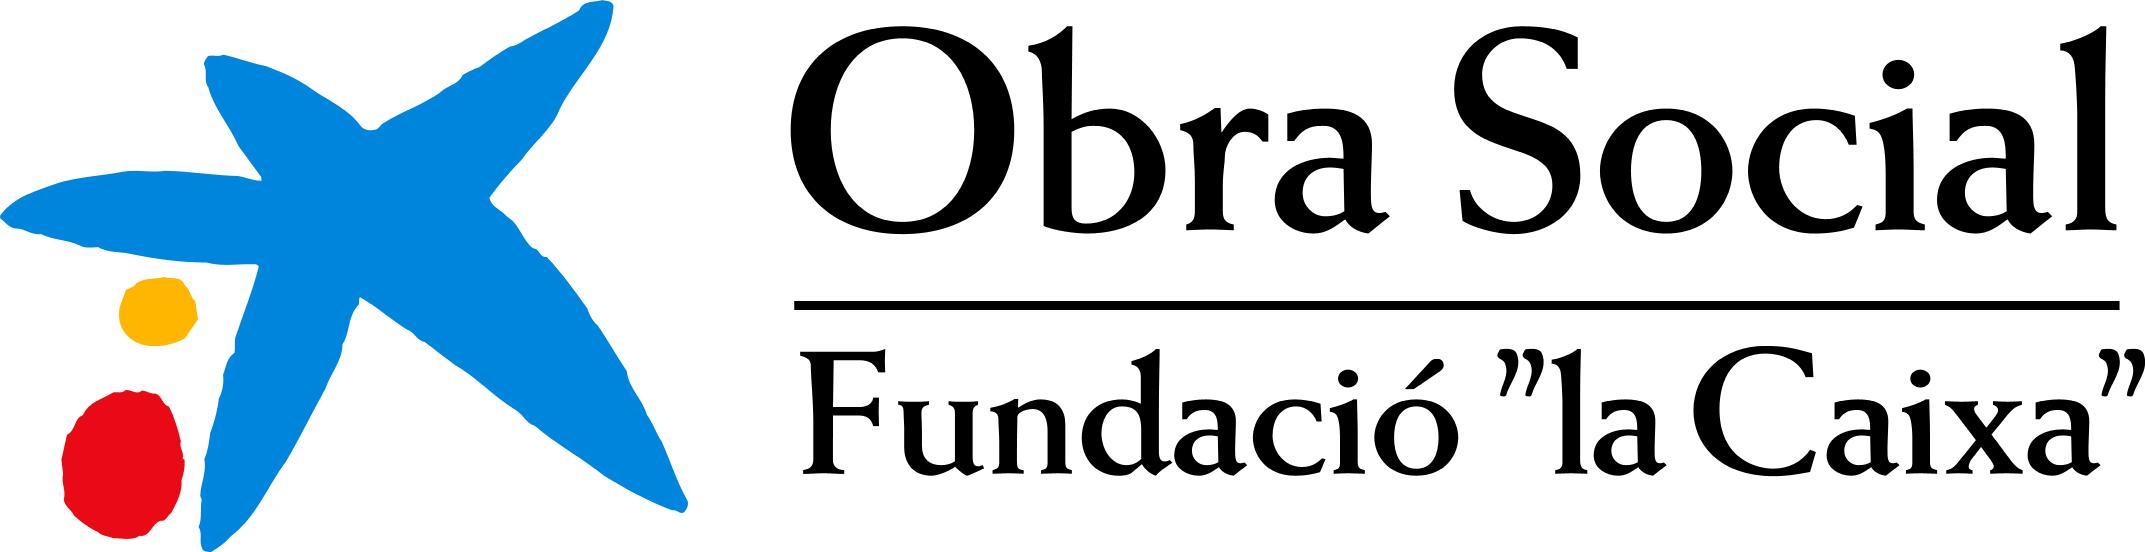 La Caixa ha fet entrega d'una donació de 6.000€ per la regidoria de Benestar Social i 5.000€ per la regidoria  de Gent Gran